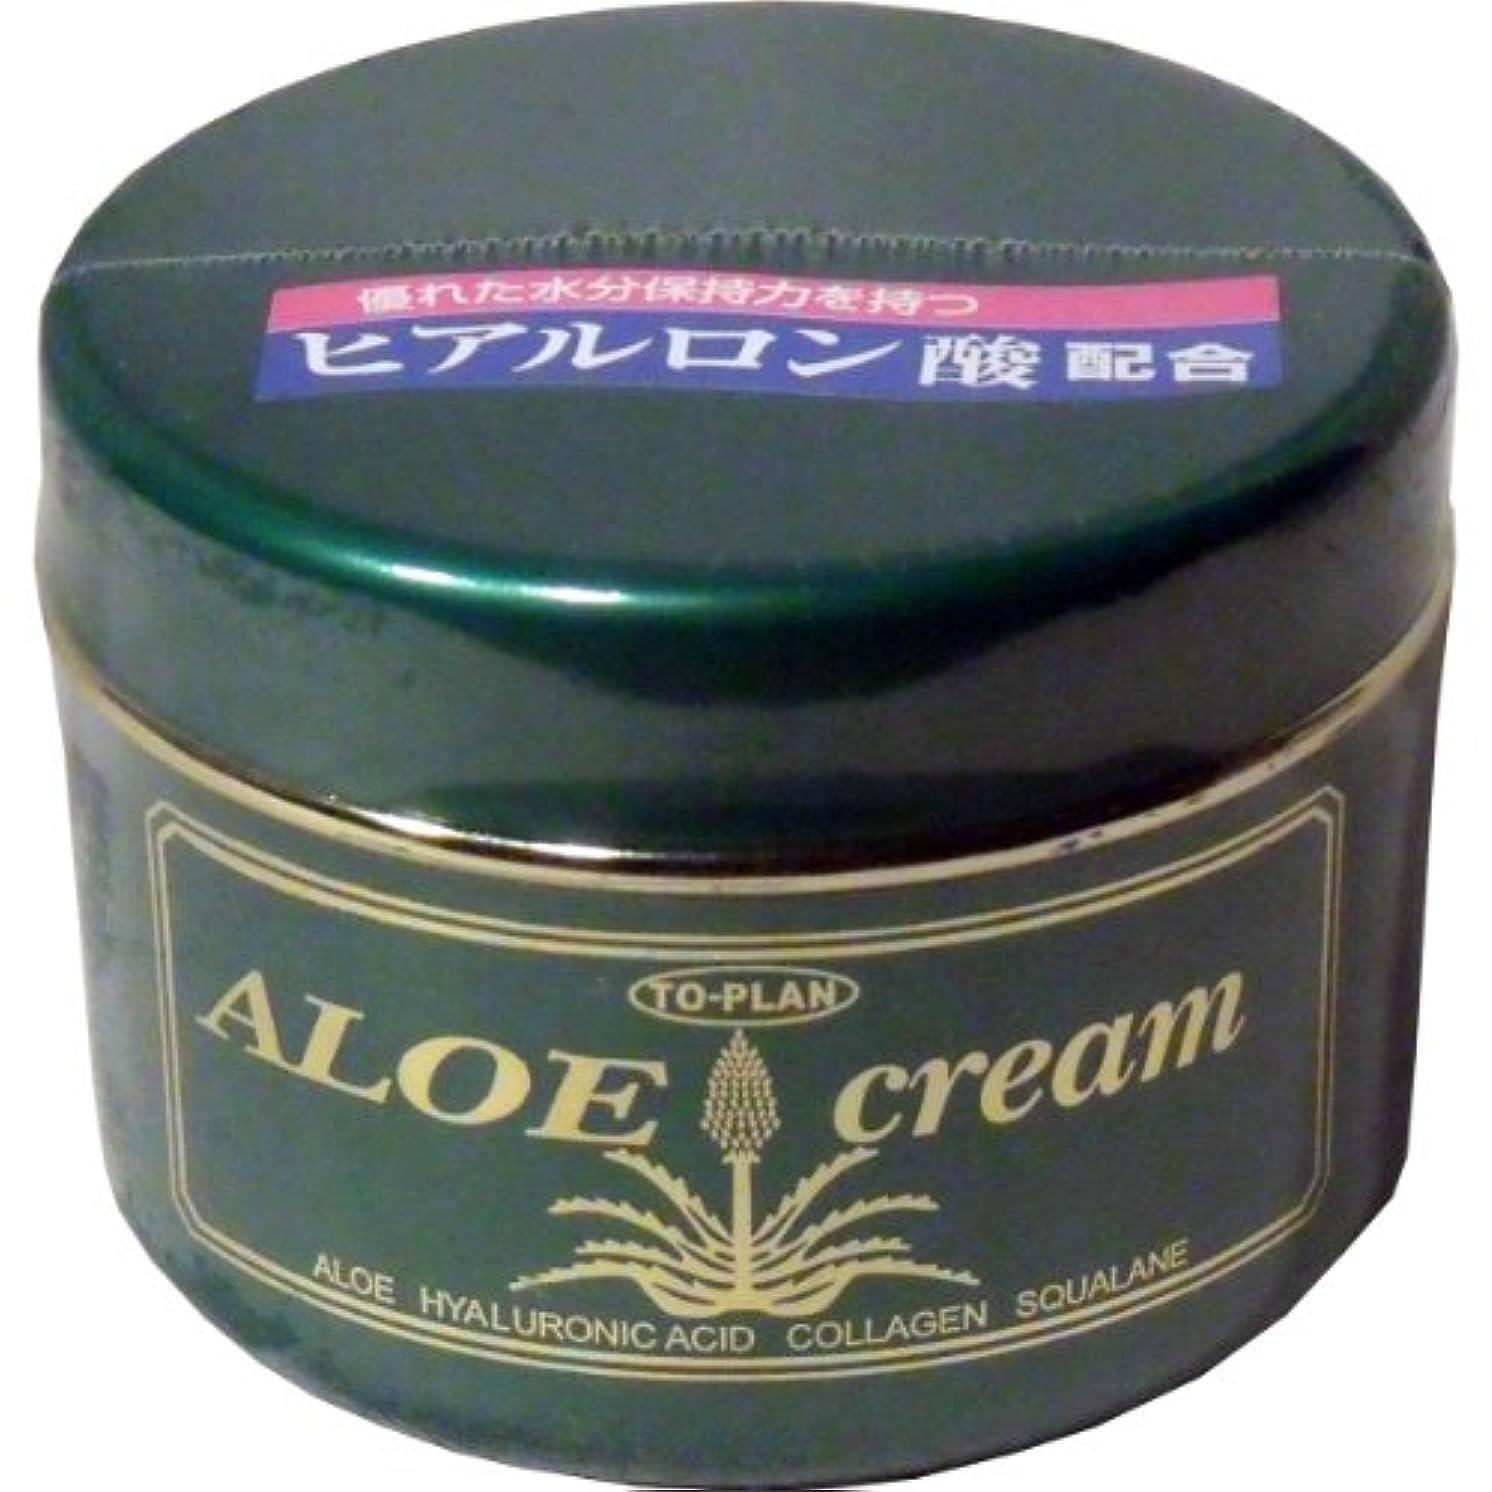 過ち屋内でルートトプラン ハーブフレッシュクリーム(アロエクリーム) ヒアルロン酸 170g ×6個セット